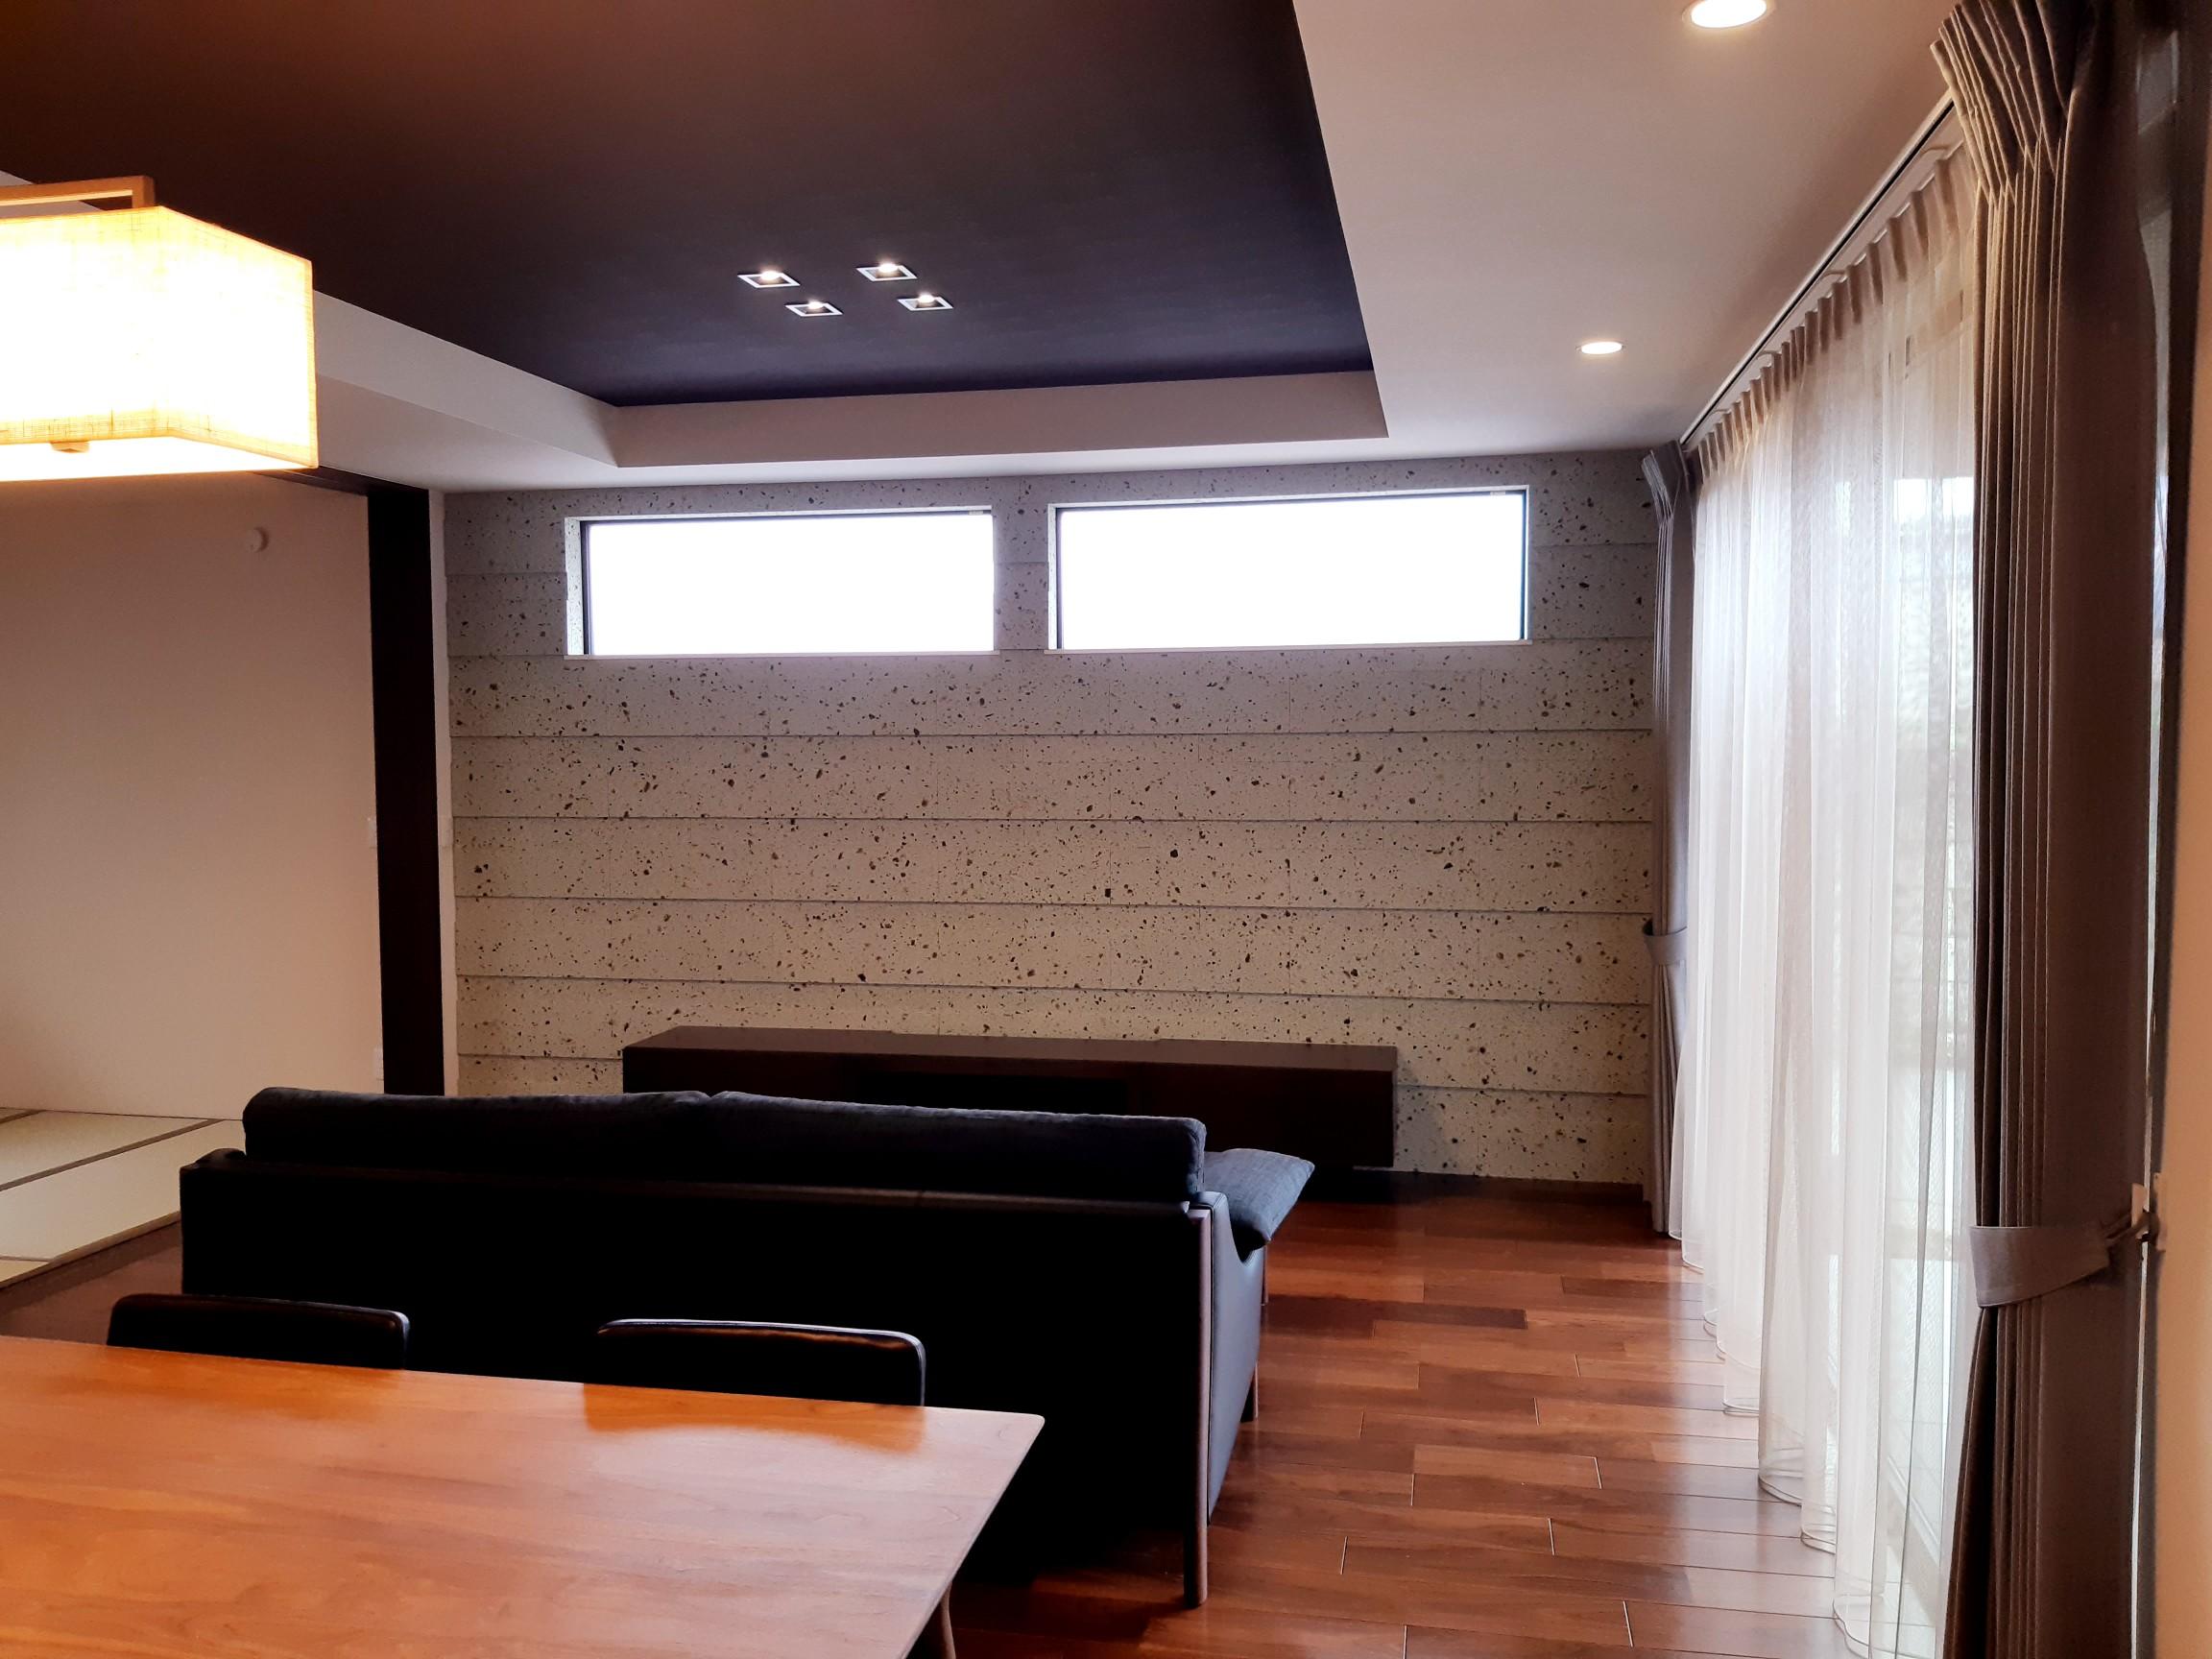 壁一面に大谷石を使うことで落ち着いた感じになり、窓からの光で柔らかく温かみのある空間になっています・・。